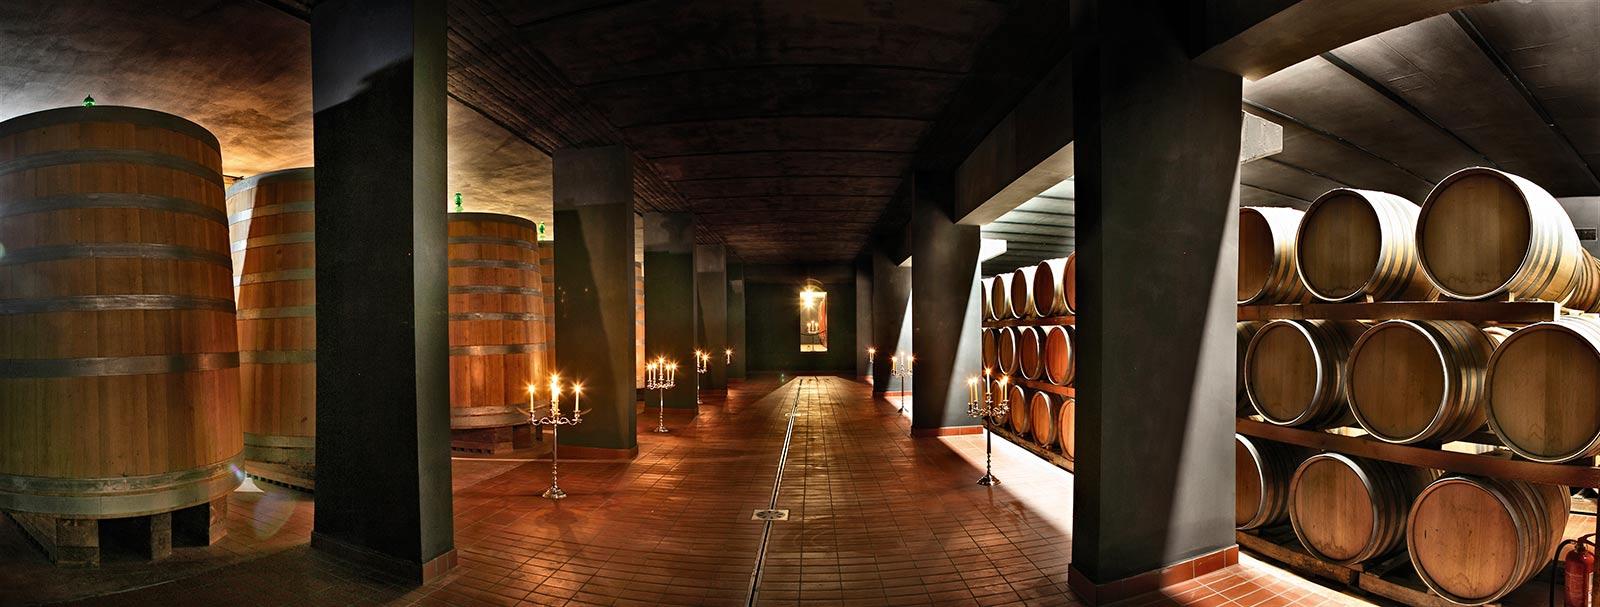 Vin Santo di Montepulciano, guida alla degustazione di un vino DOC